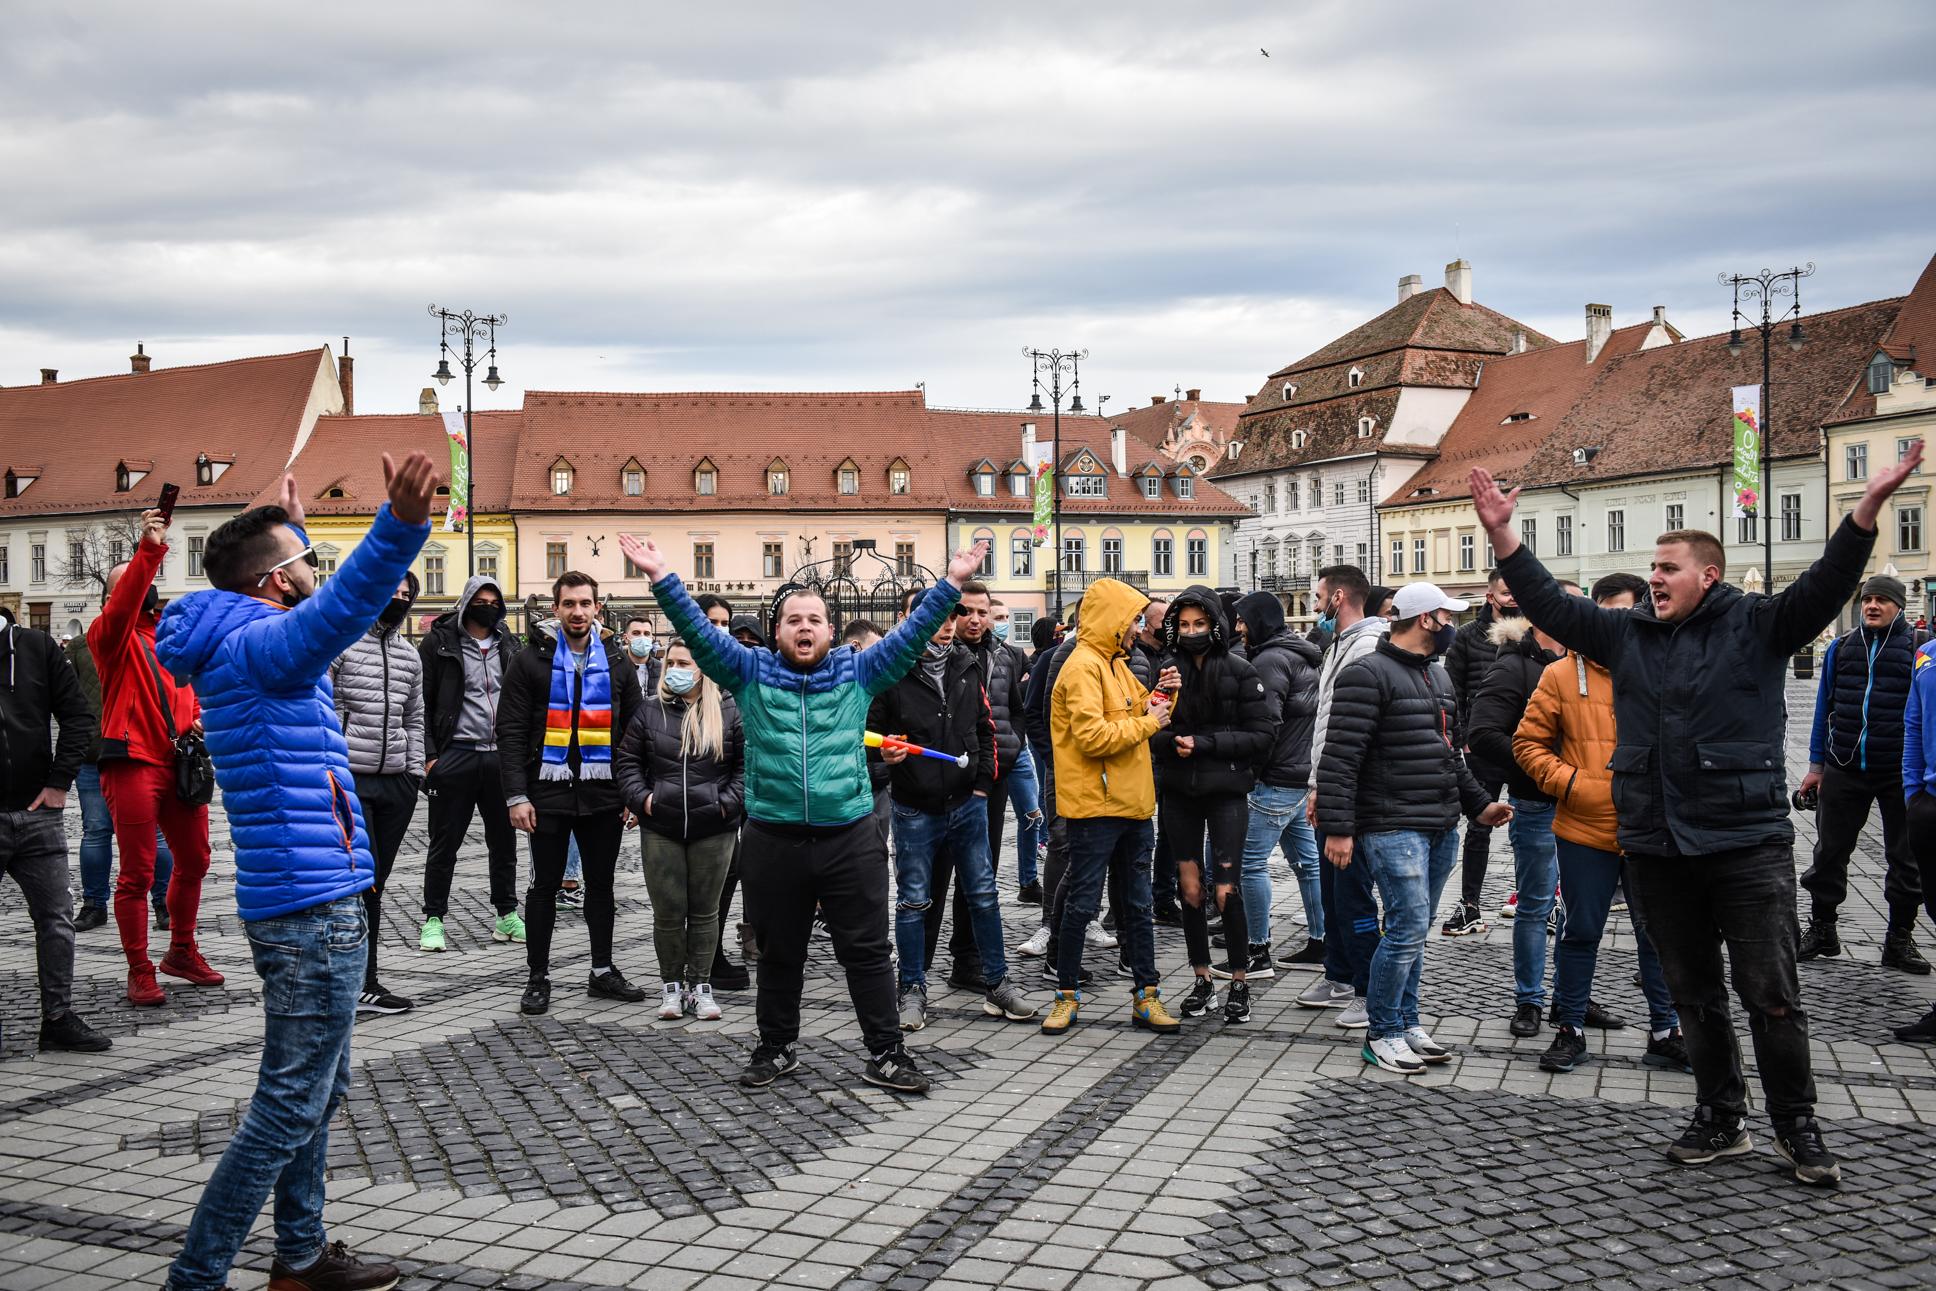 Directorul DSP Sibiu despre protestatarii fără mască: Încalcă legea. Nu avem ce comenta aici!